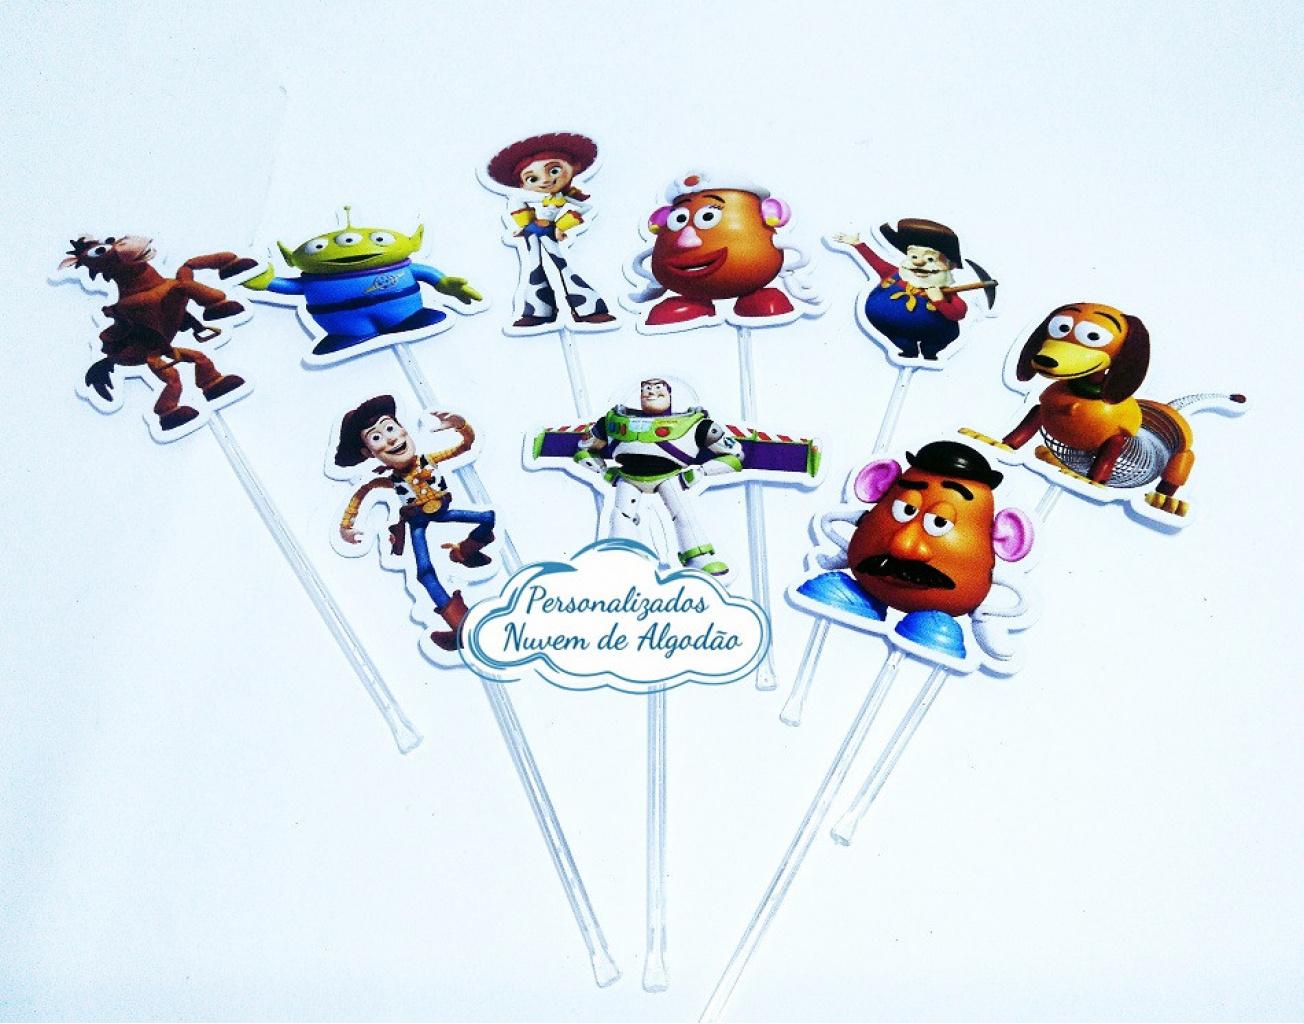 Nuvem de algodão personalizados - Topper de docinho Toy Story